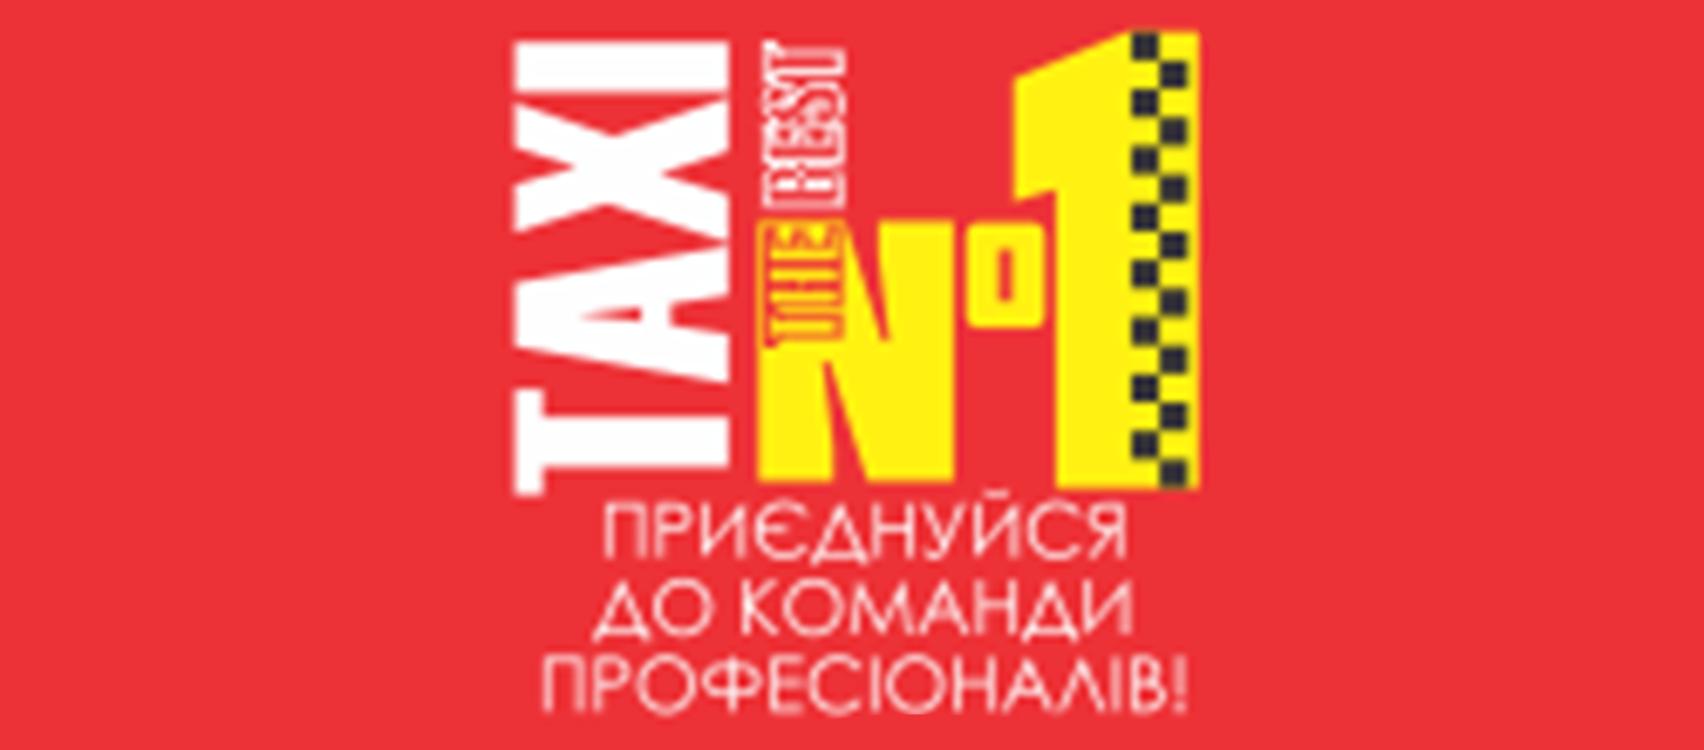 Такси №1  (Киев)